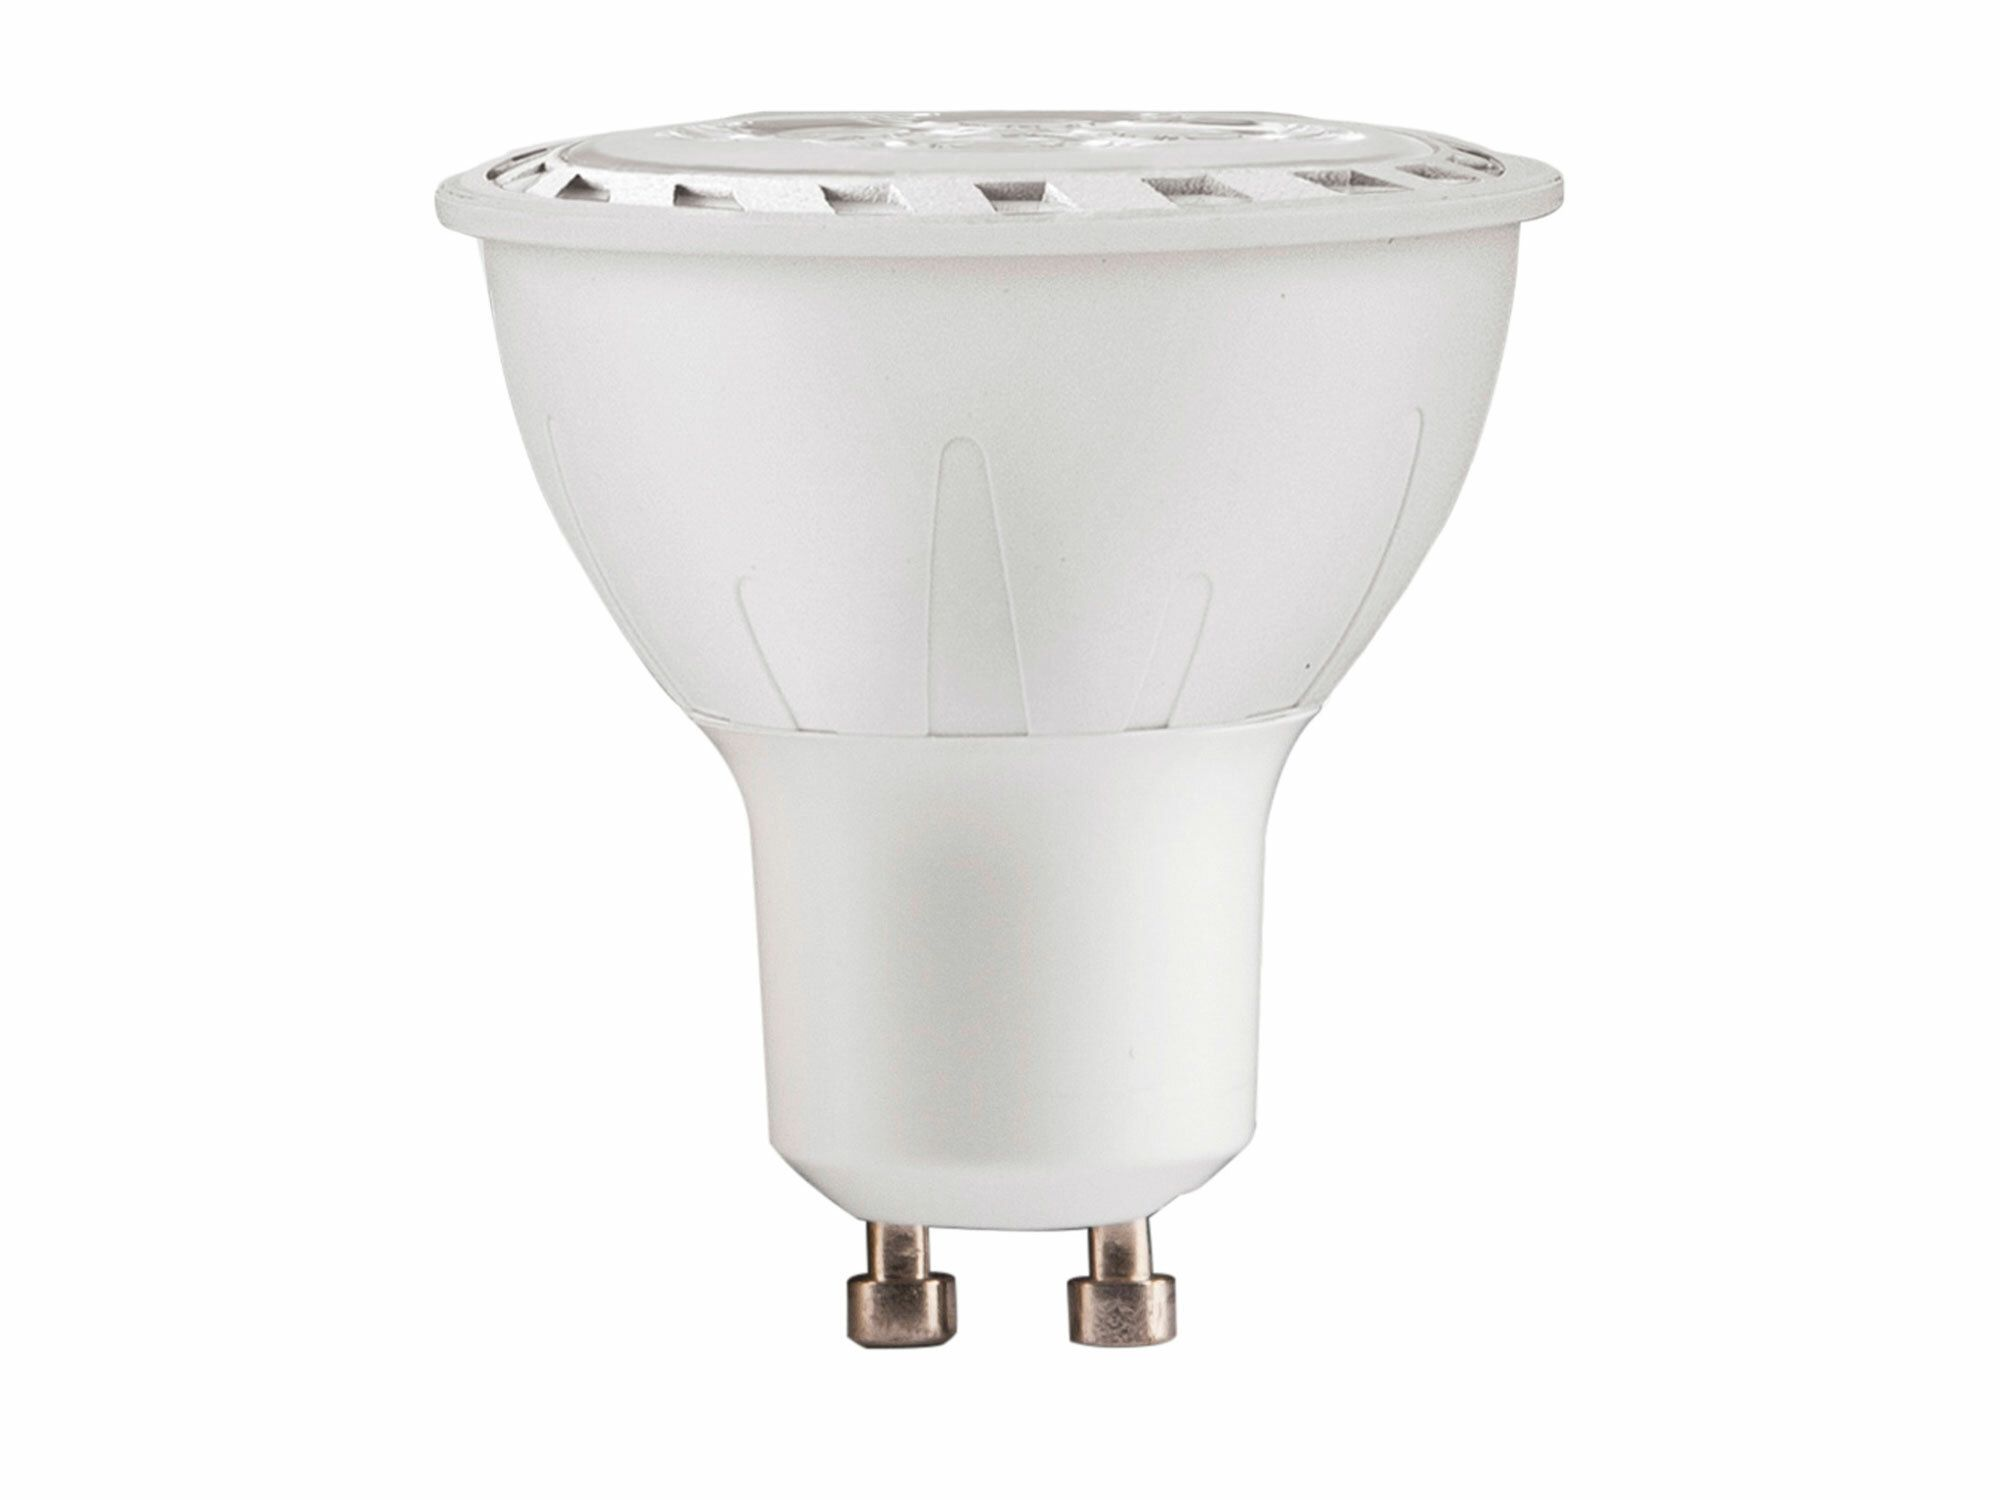 Žárovka LED reflektorová bodová, 7W, 580lm, GU10, teplá bílá, COB EXTOL-LIGHT